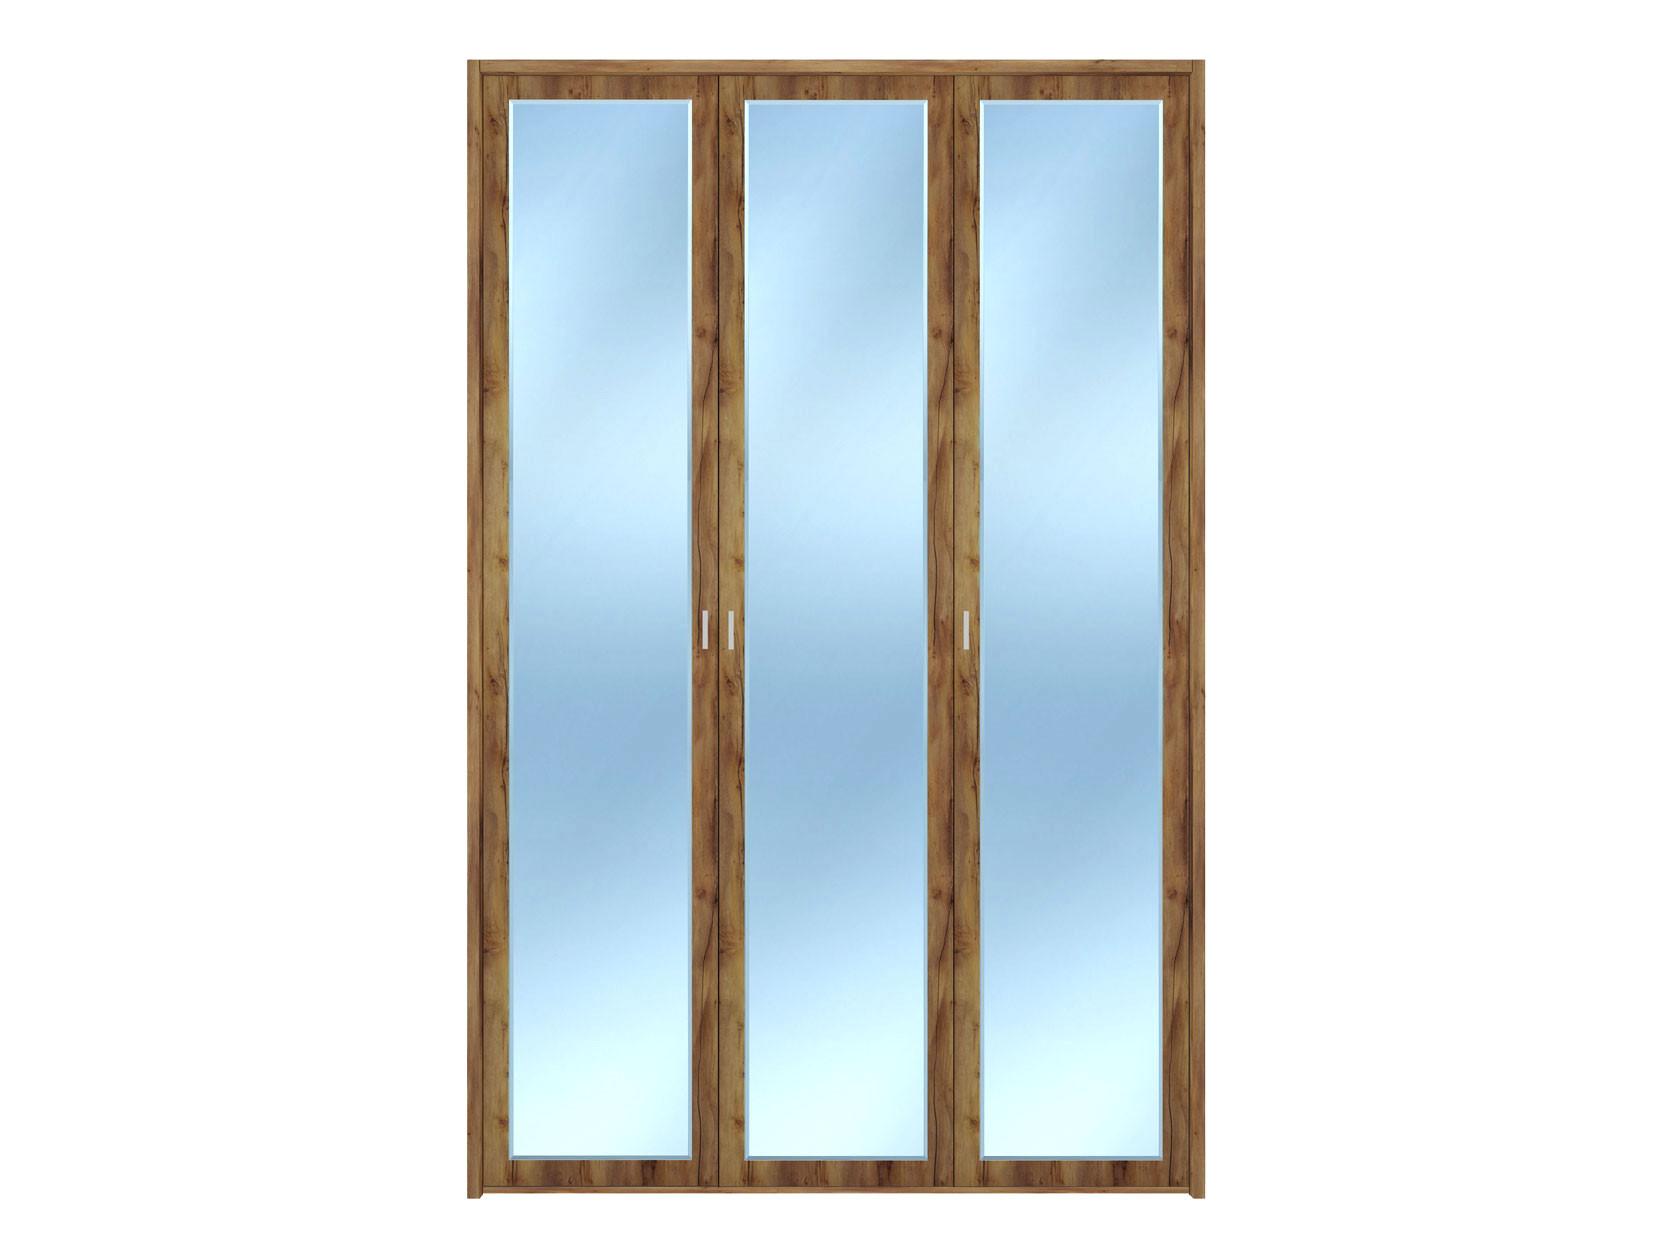 Распашной шкаф  3-х дверный Вега Бавария Таксония медовая, С тремя зеркалами, топом-накладкой КУРАЖ 104971